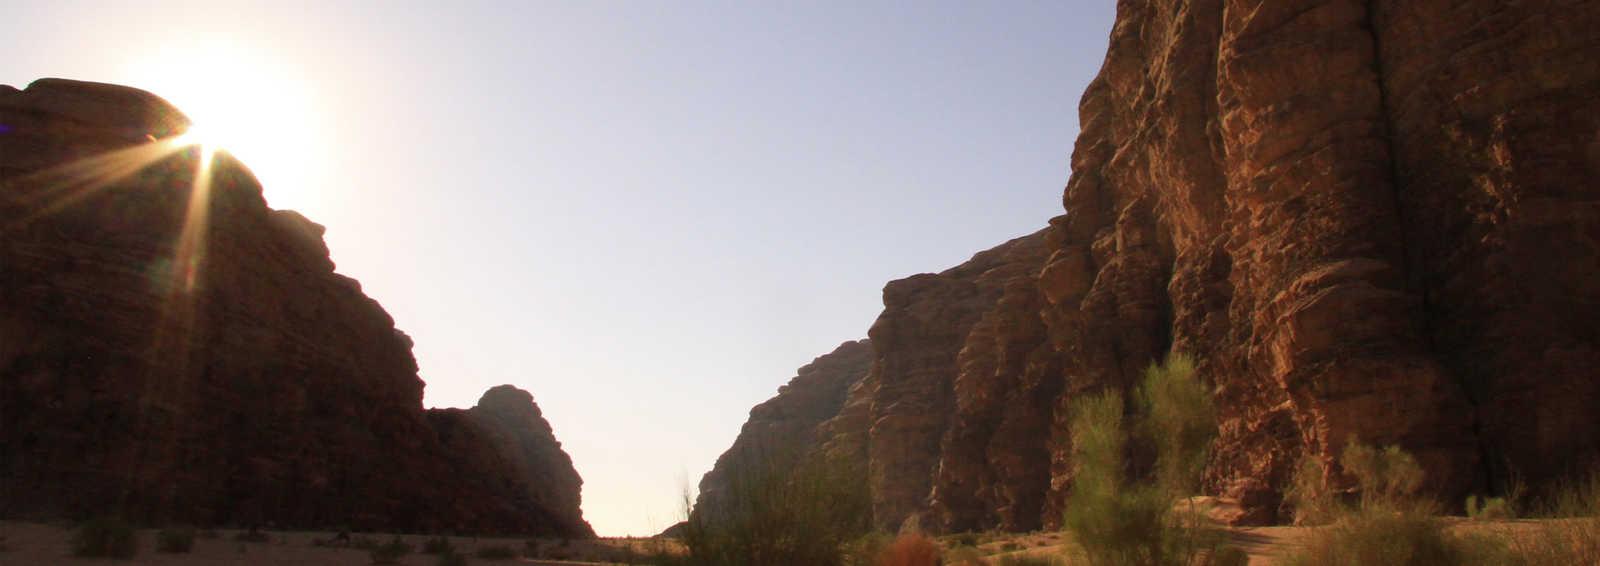 Sunrise at Wadi Rum, Jordan